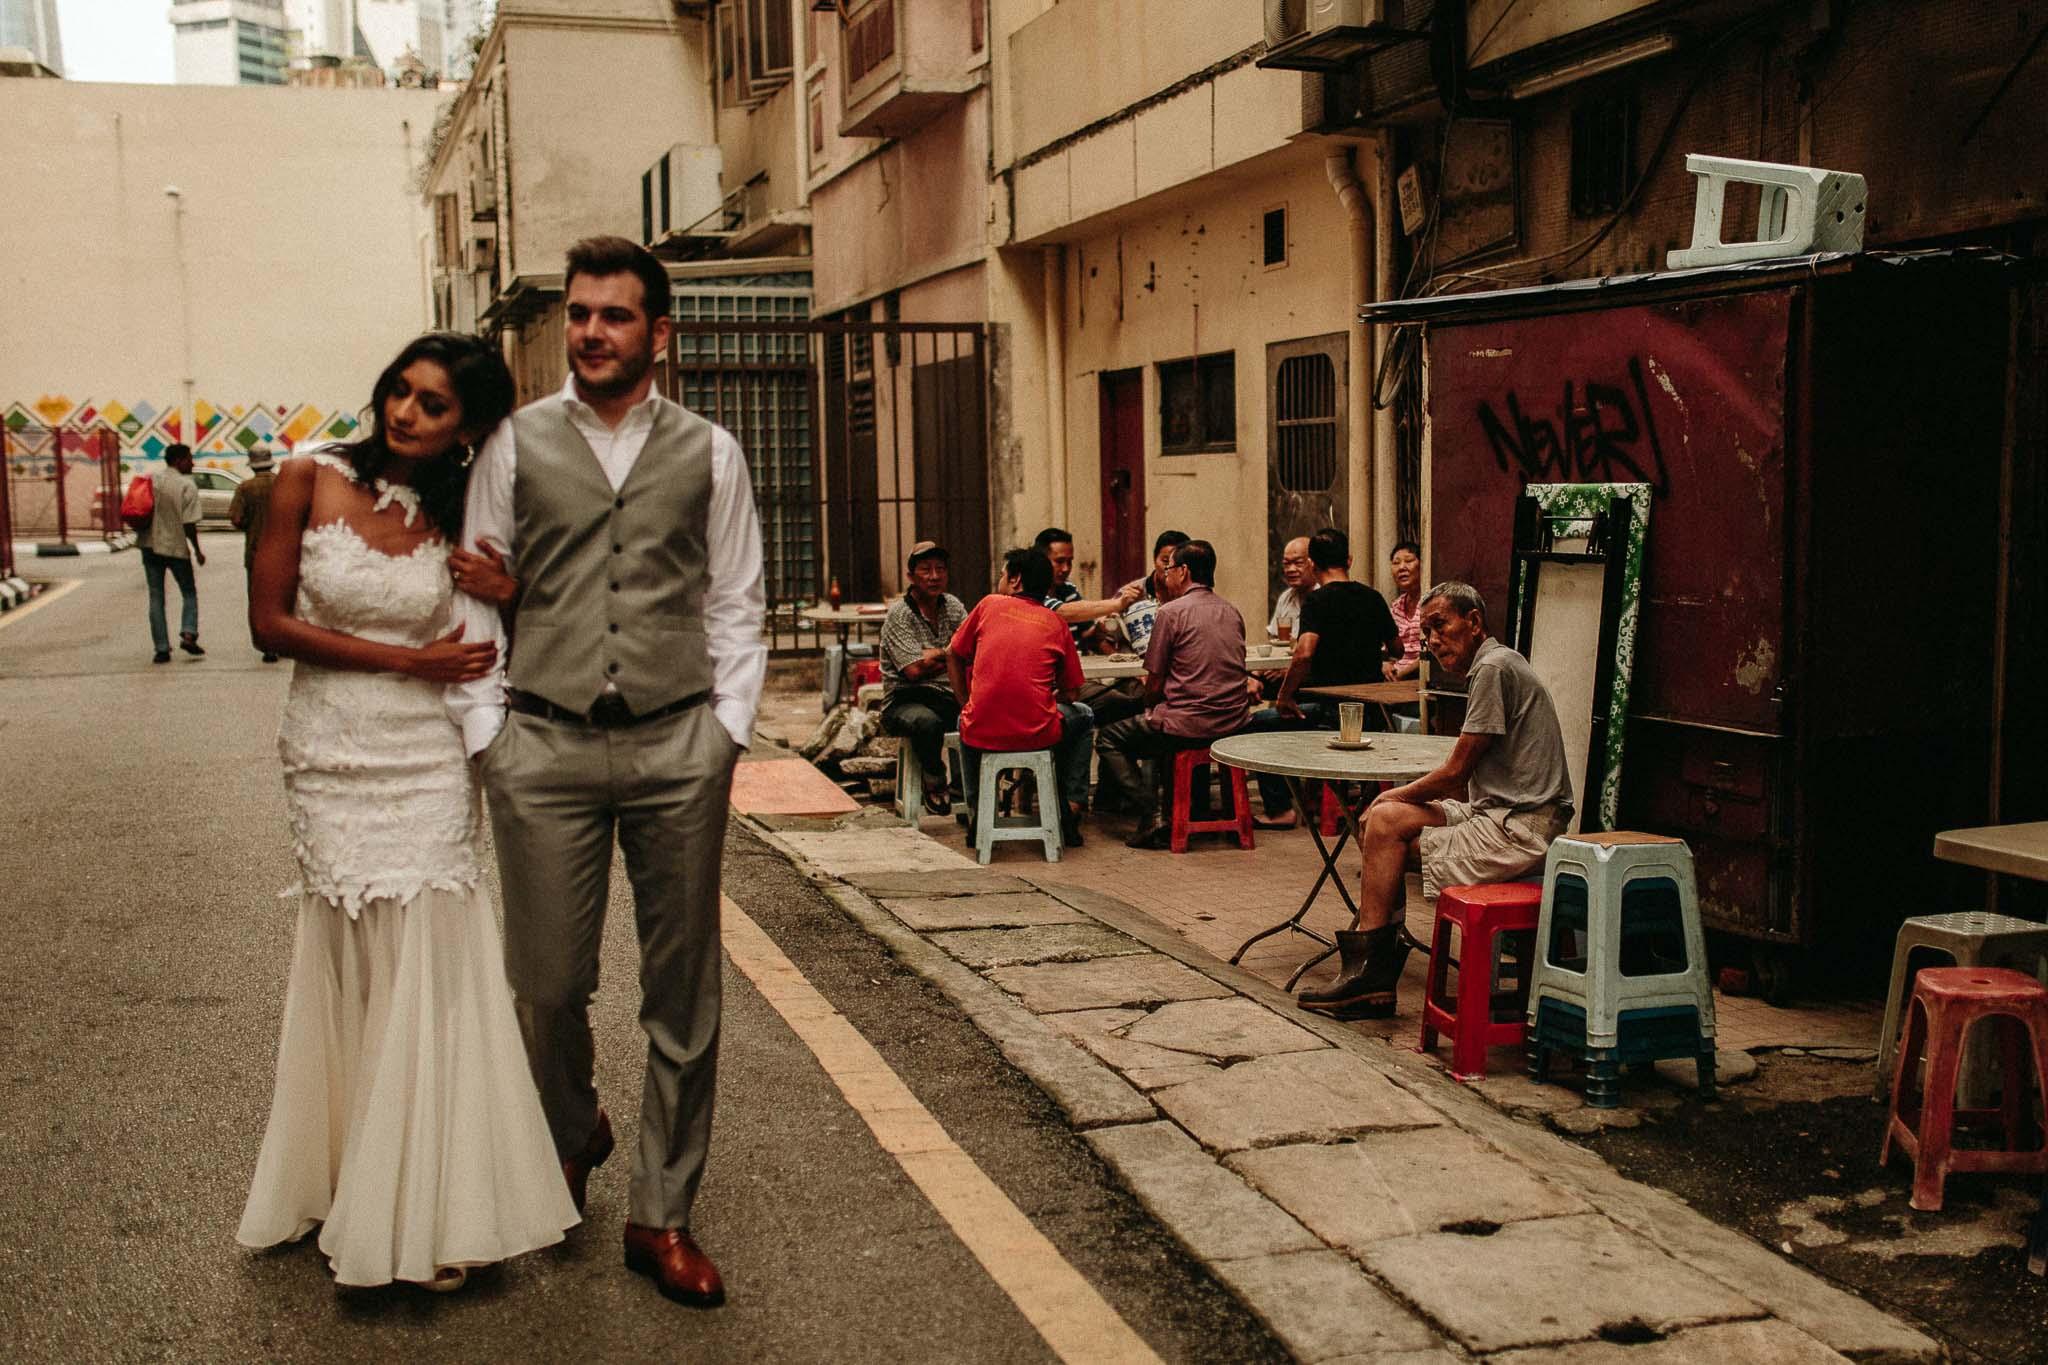 u&m-weddingsbyqay-lovesession-destinationweddingphotographer (84 of 160).jpg